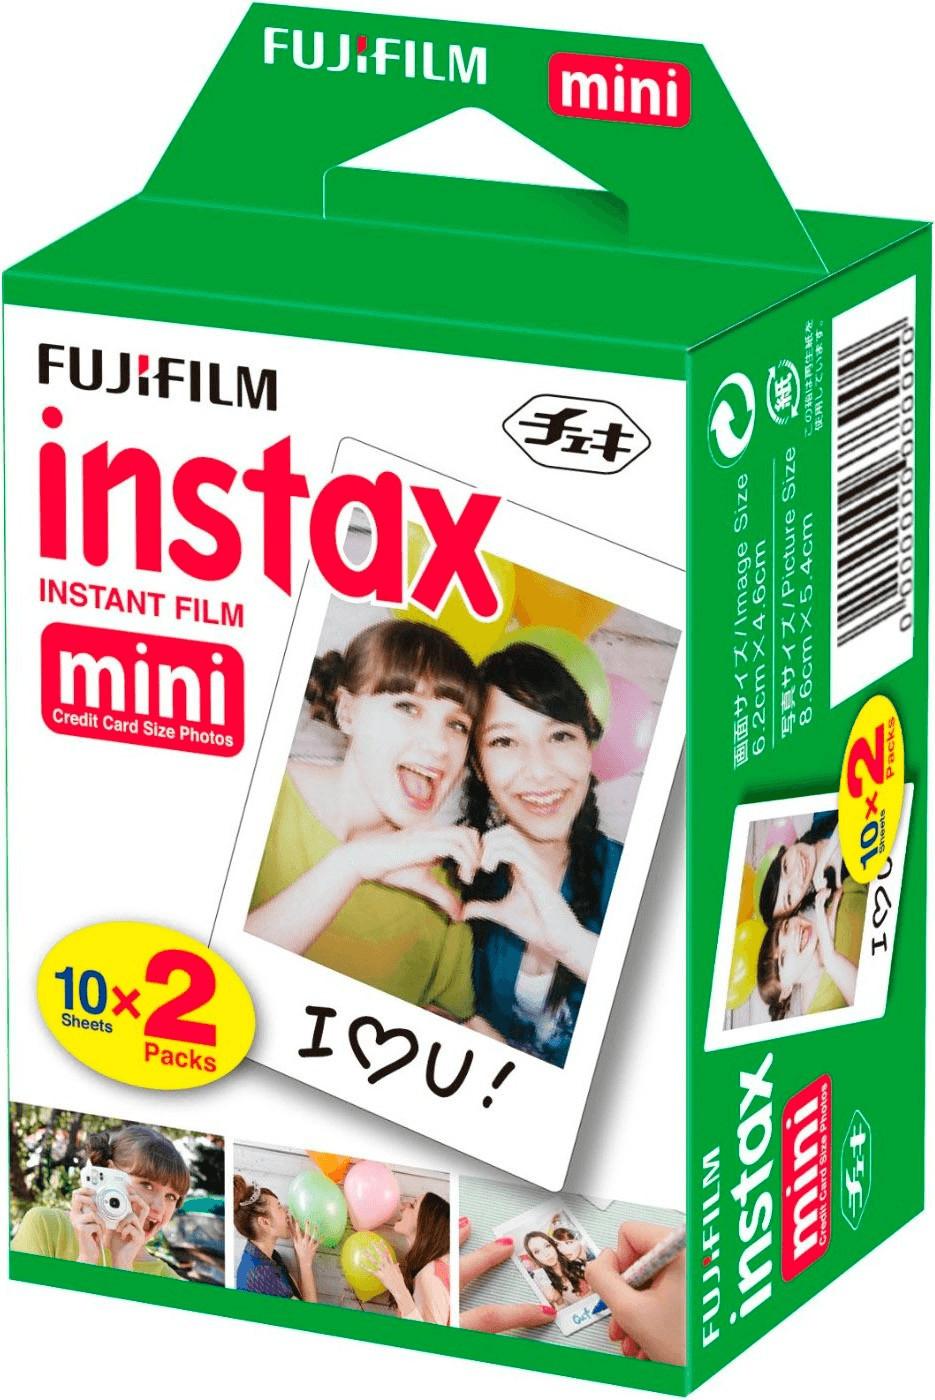 Lot de 2 paquets de 10 films instantanés Fujifilm Films pour Instax Mini - 2x10 (via 7.95€ en fidélité)